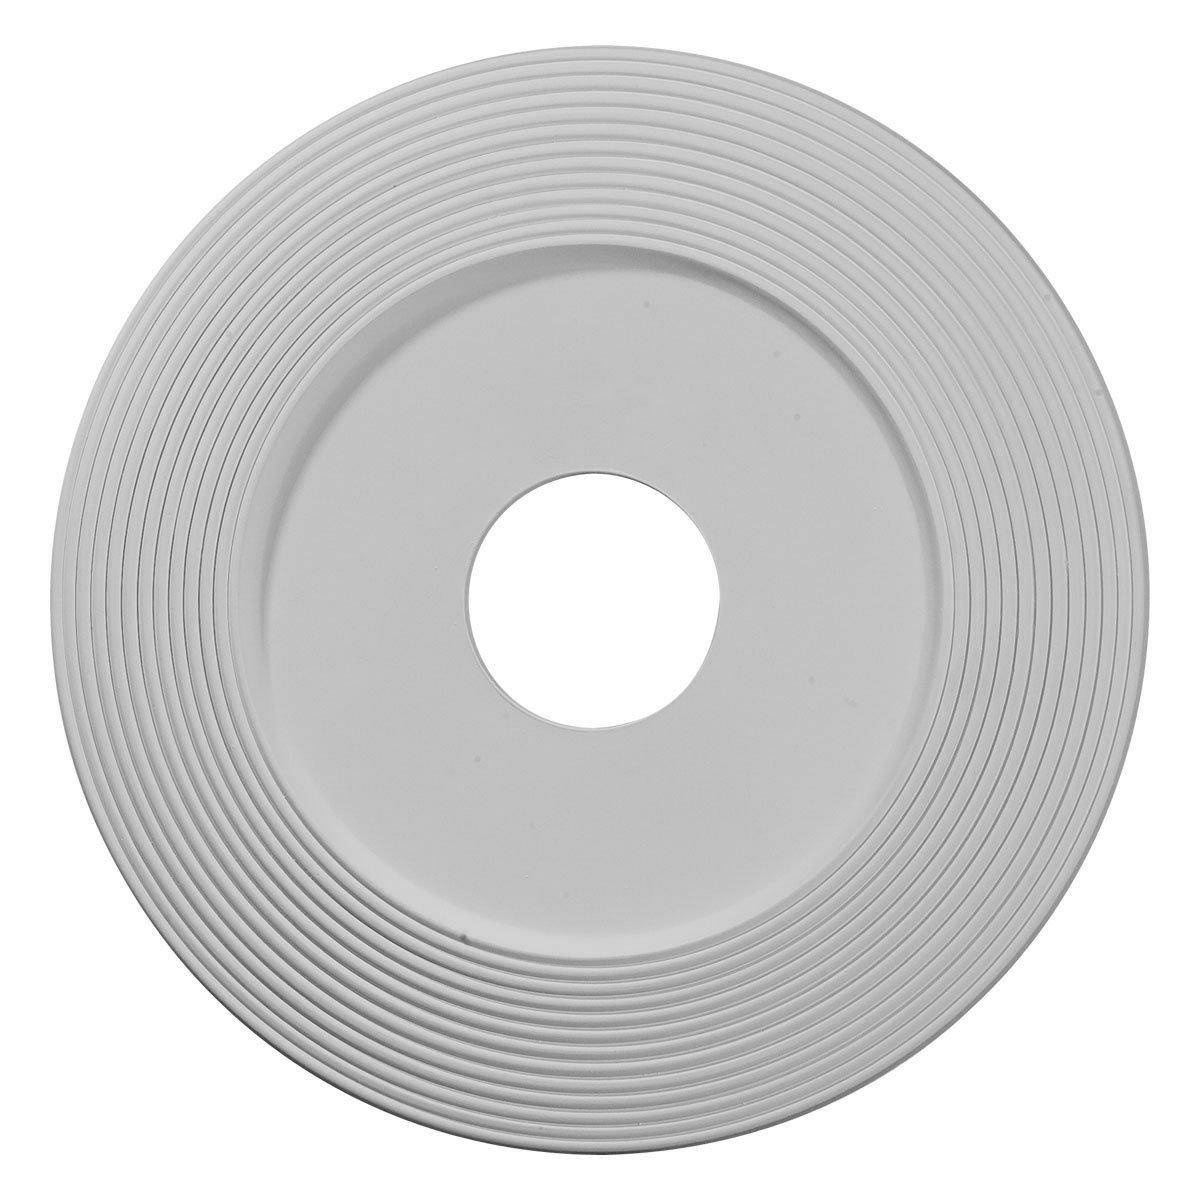 Ekena Millwork CM16AD 16 1/8-Inch OD x 3 5/8-Inch ID x 1-Inch Adonis Ceiling Medallion